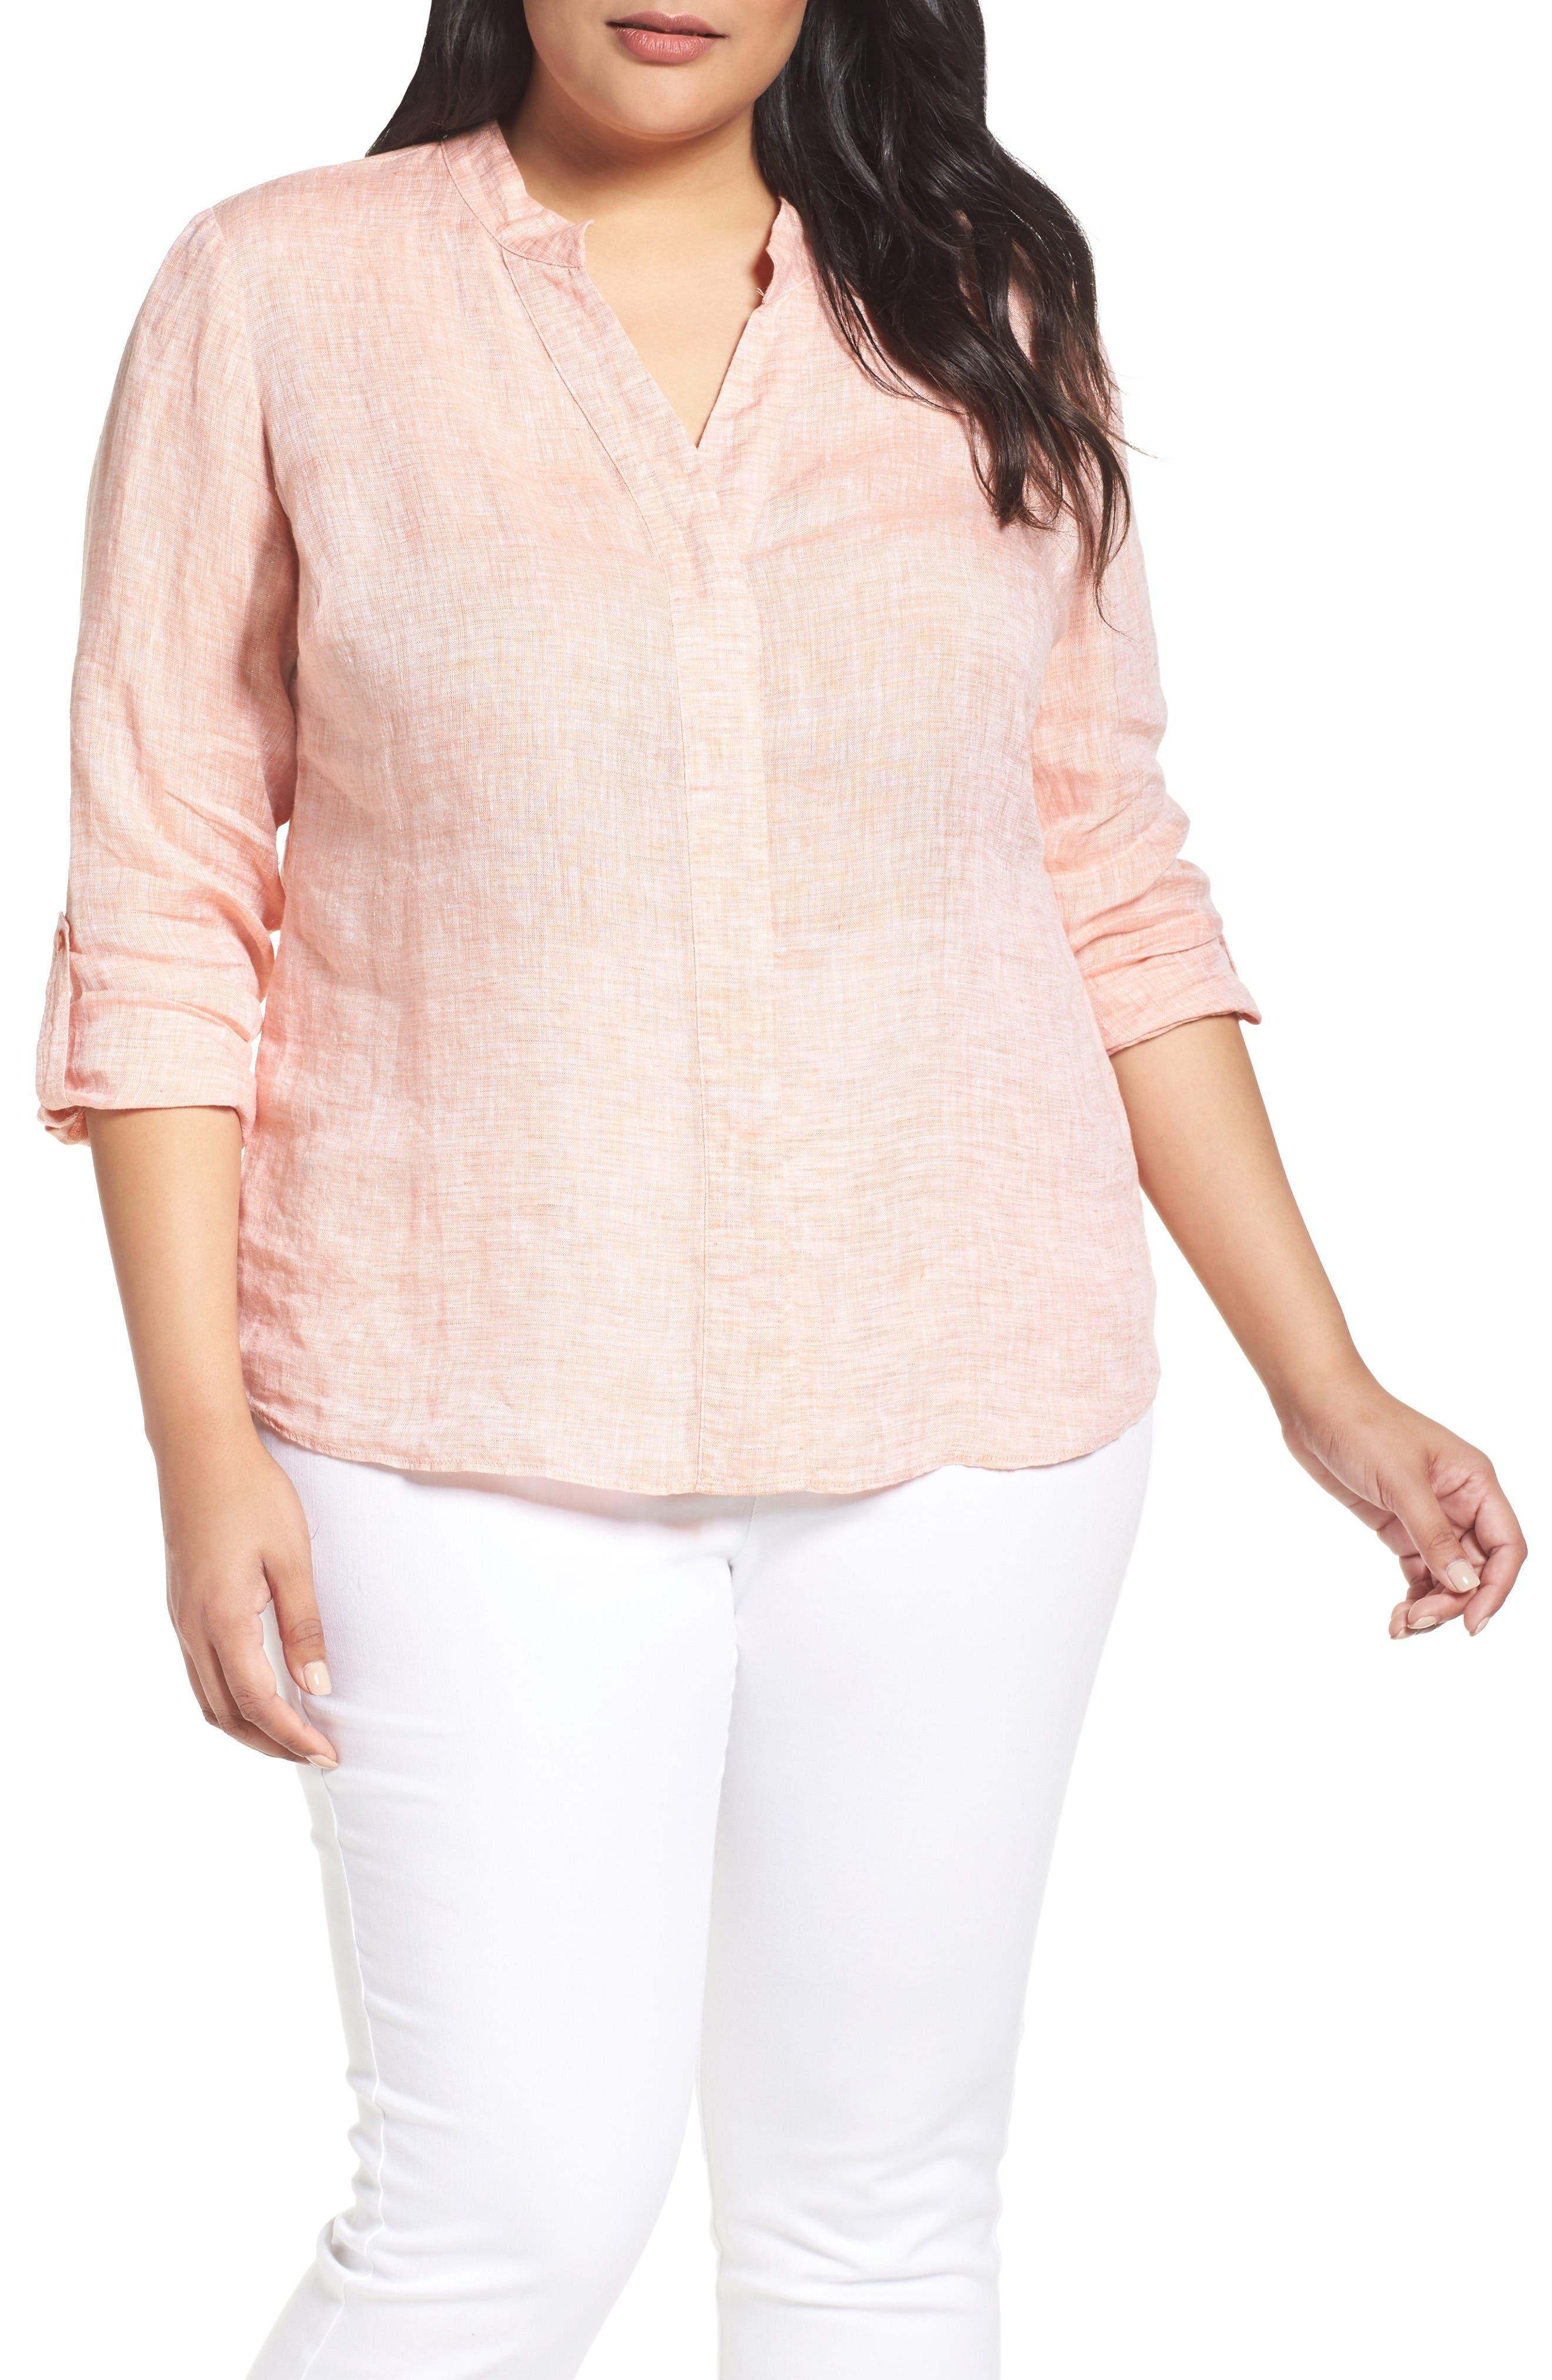 Main Image - NIC+ZOE Drifty Woven Linen Shirt (Plus Size)